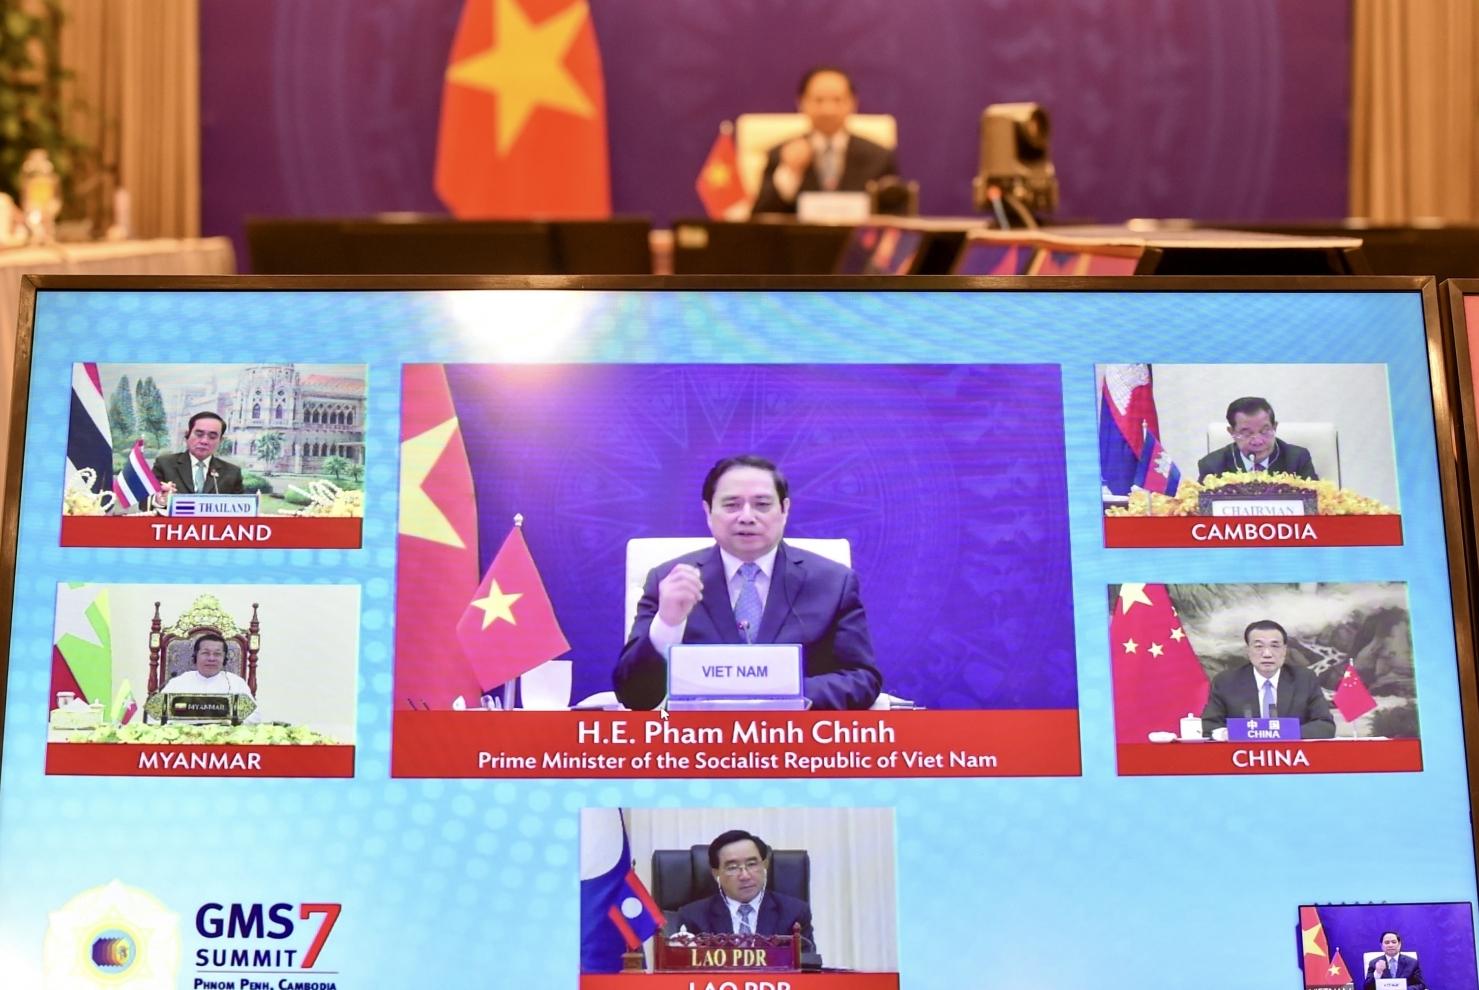 Thủ tướng Phạm Minh Chính dự Hội nghị Thượng đỉnh hợp tác Tiểu vùng Mekong mở rộng lần thứ 7